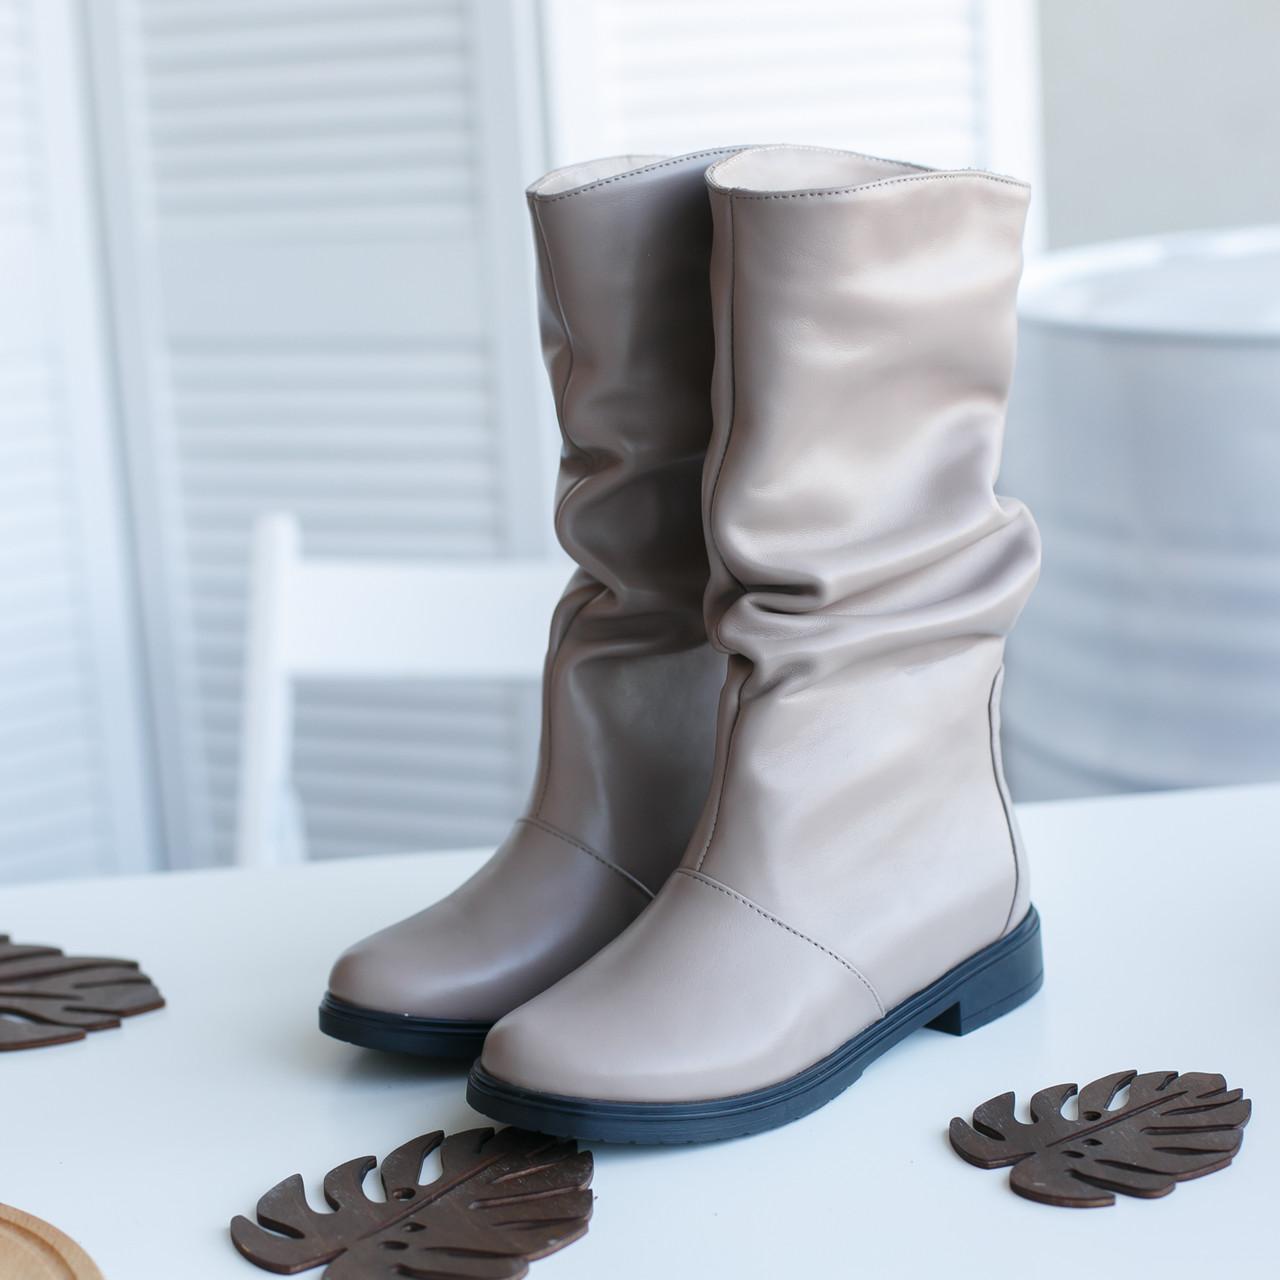 Бежеві підлозі чоботи, фабрична взуття